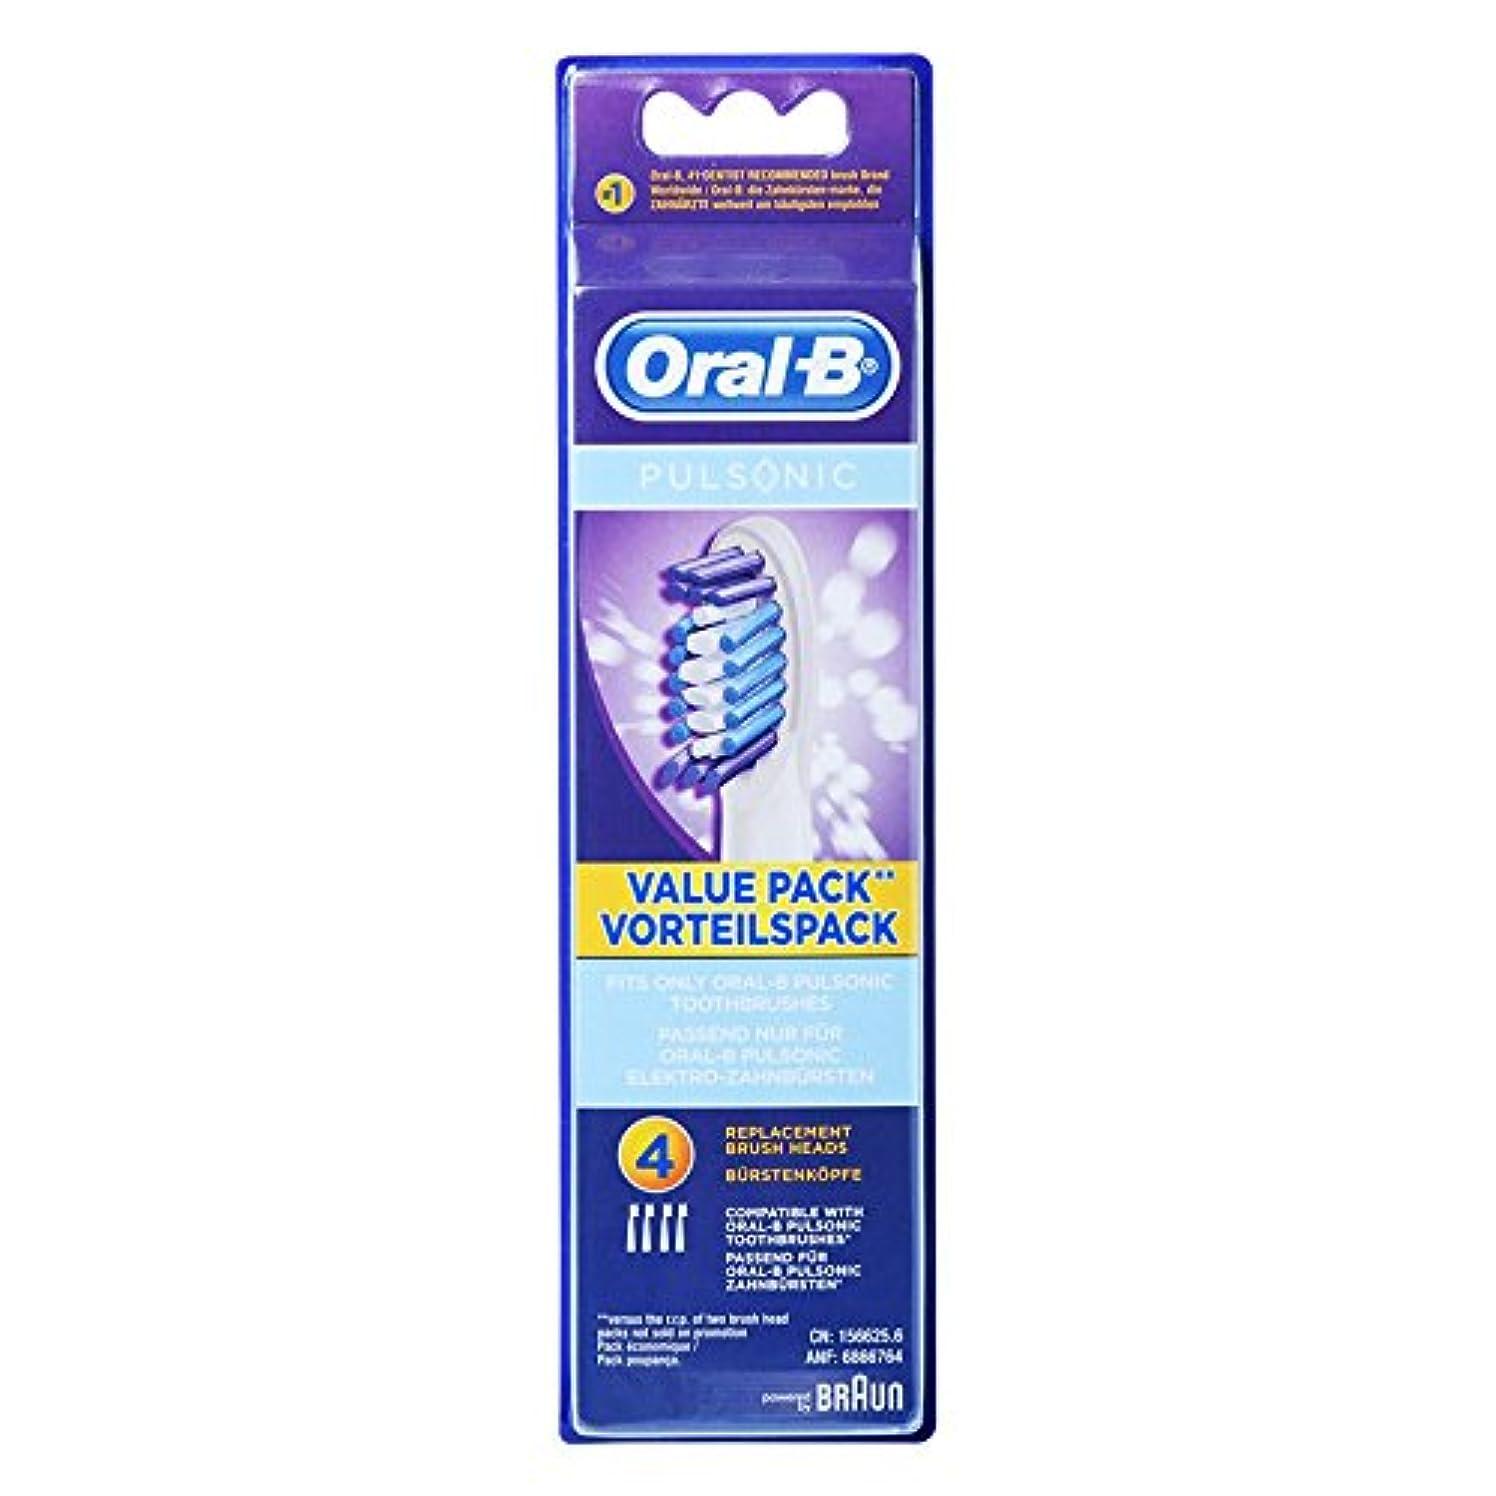 タウポ湖酔って増強するBraun Oral-B SR32-4 Pulsonic Value Pack 交換用ブラシヘッド 1Pack [並行輸入品]